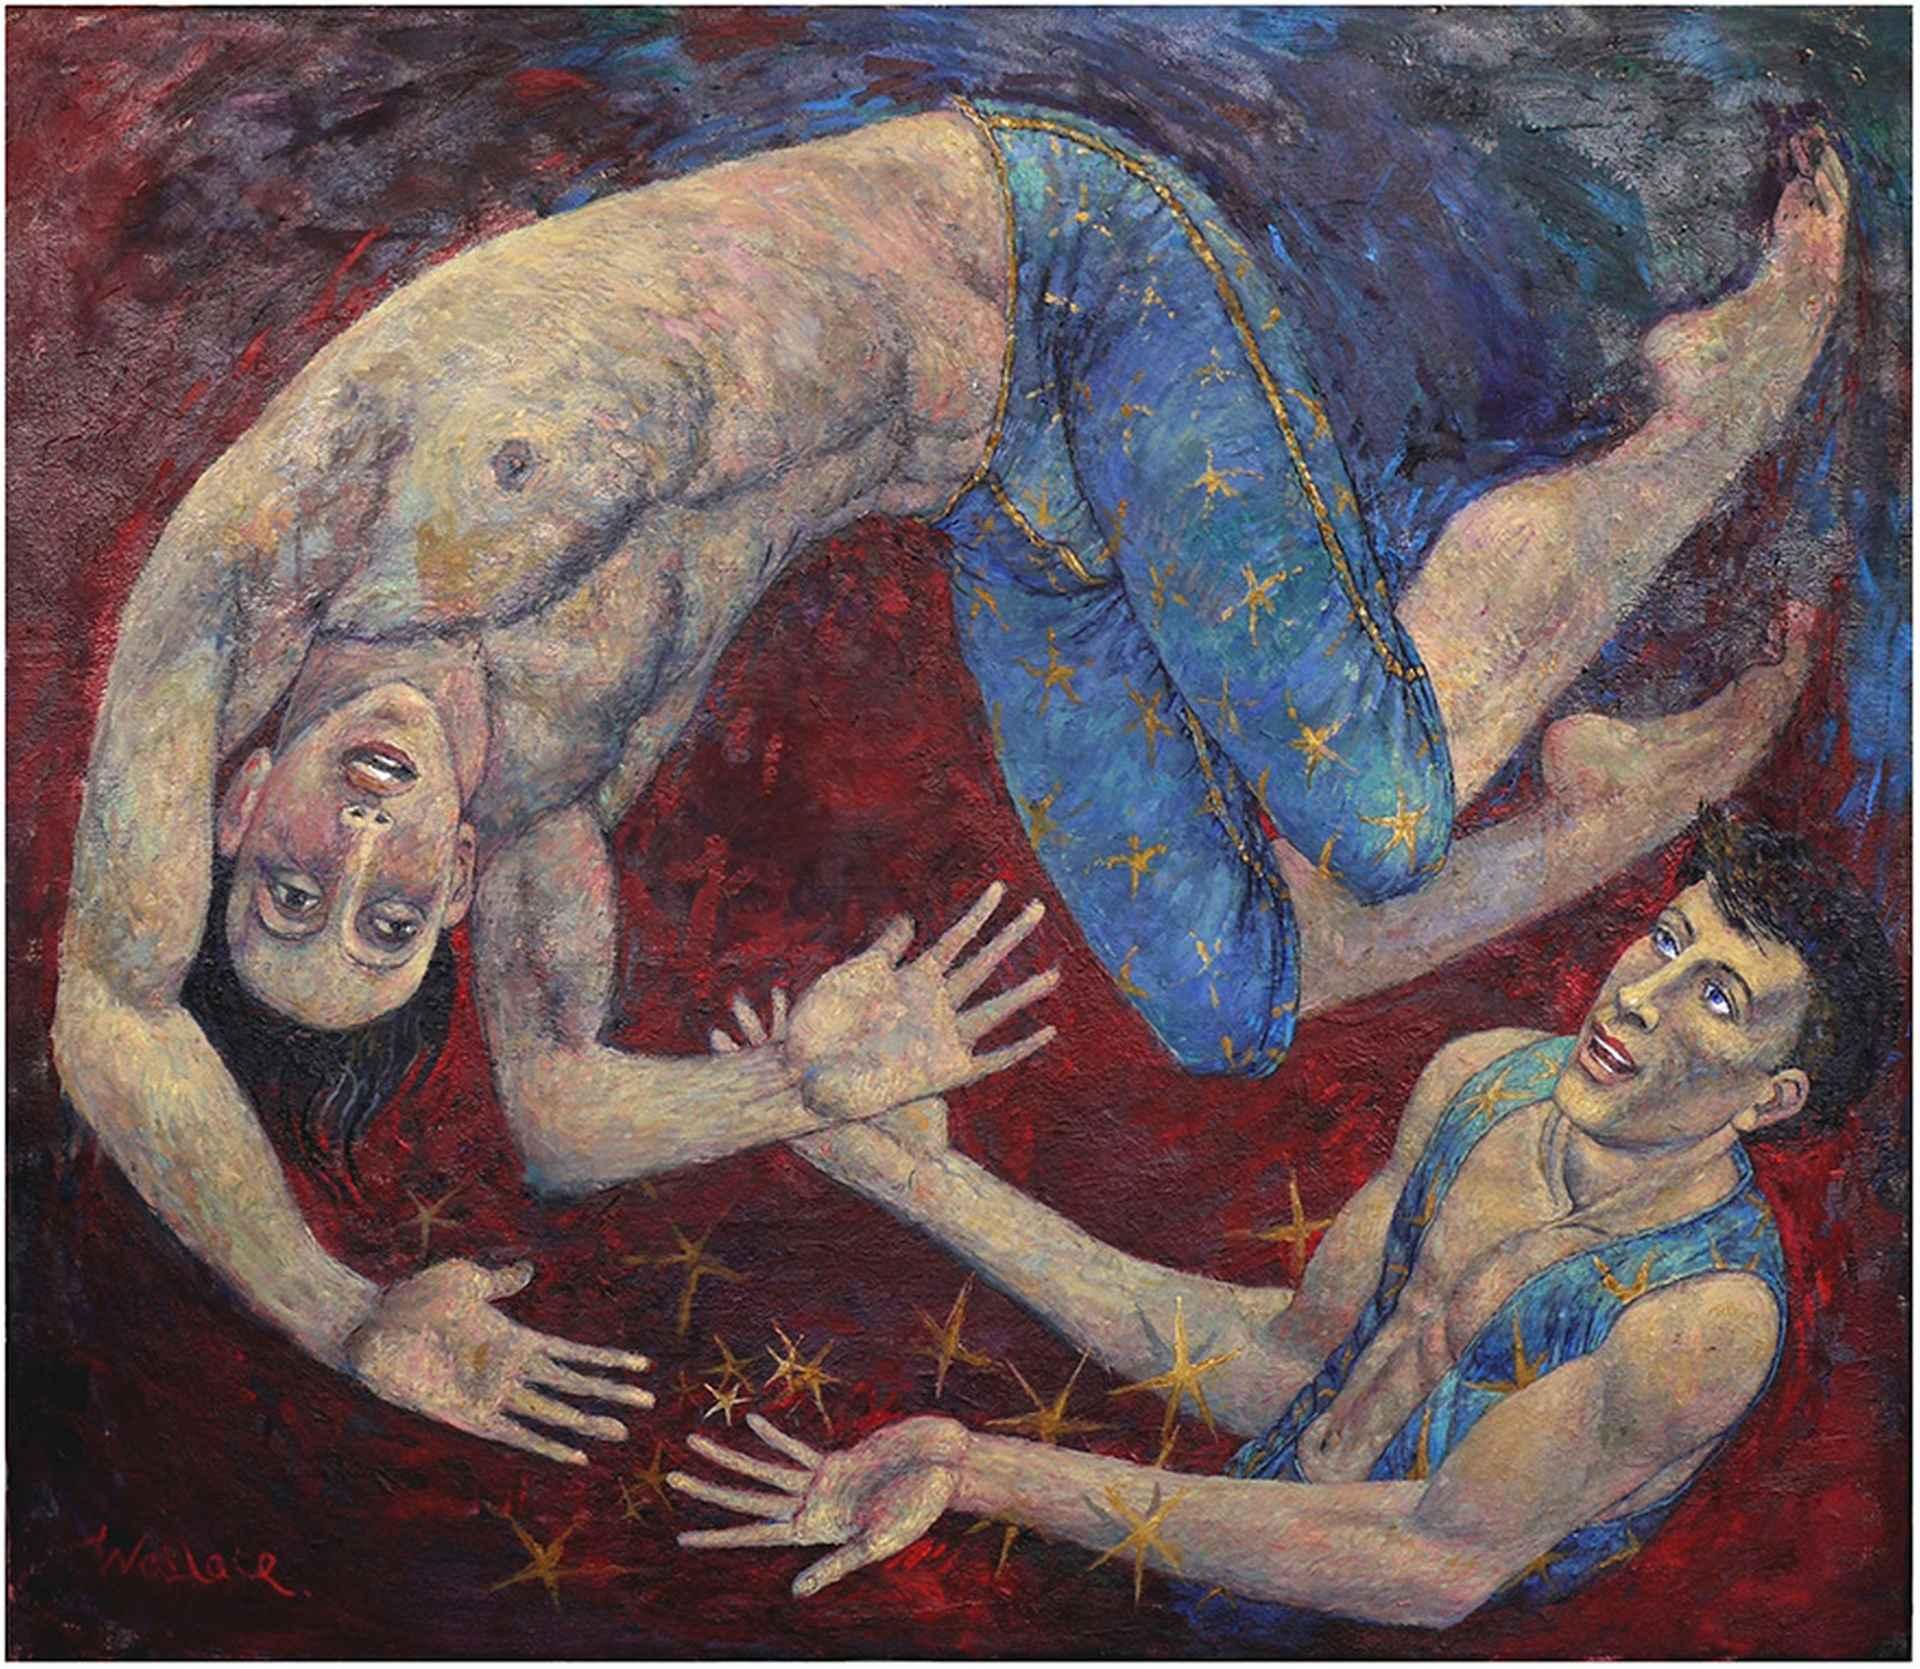 Acrobat II by Richard Wallace